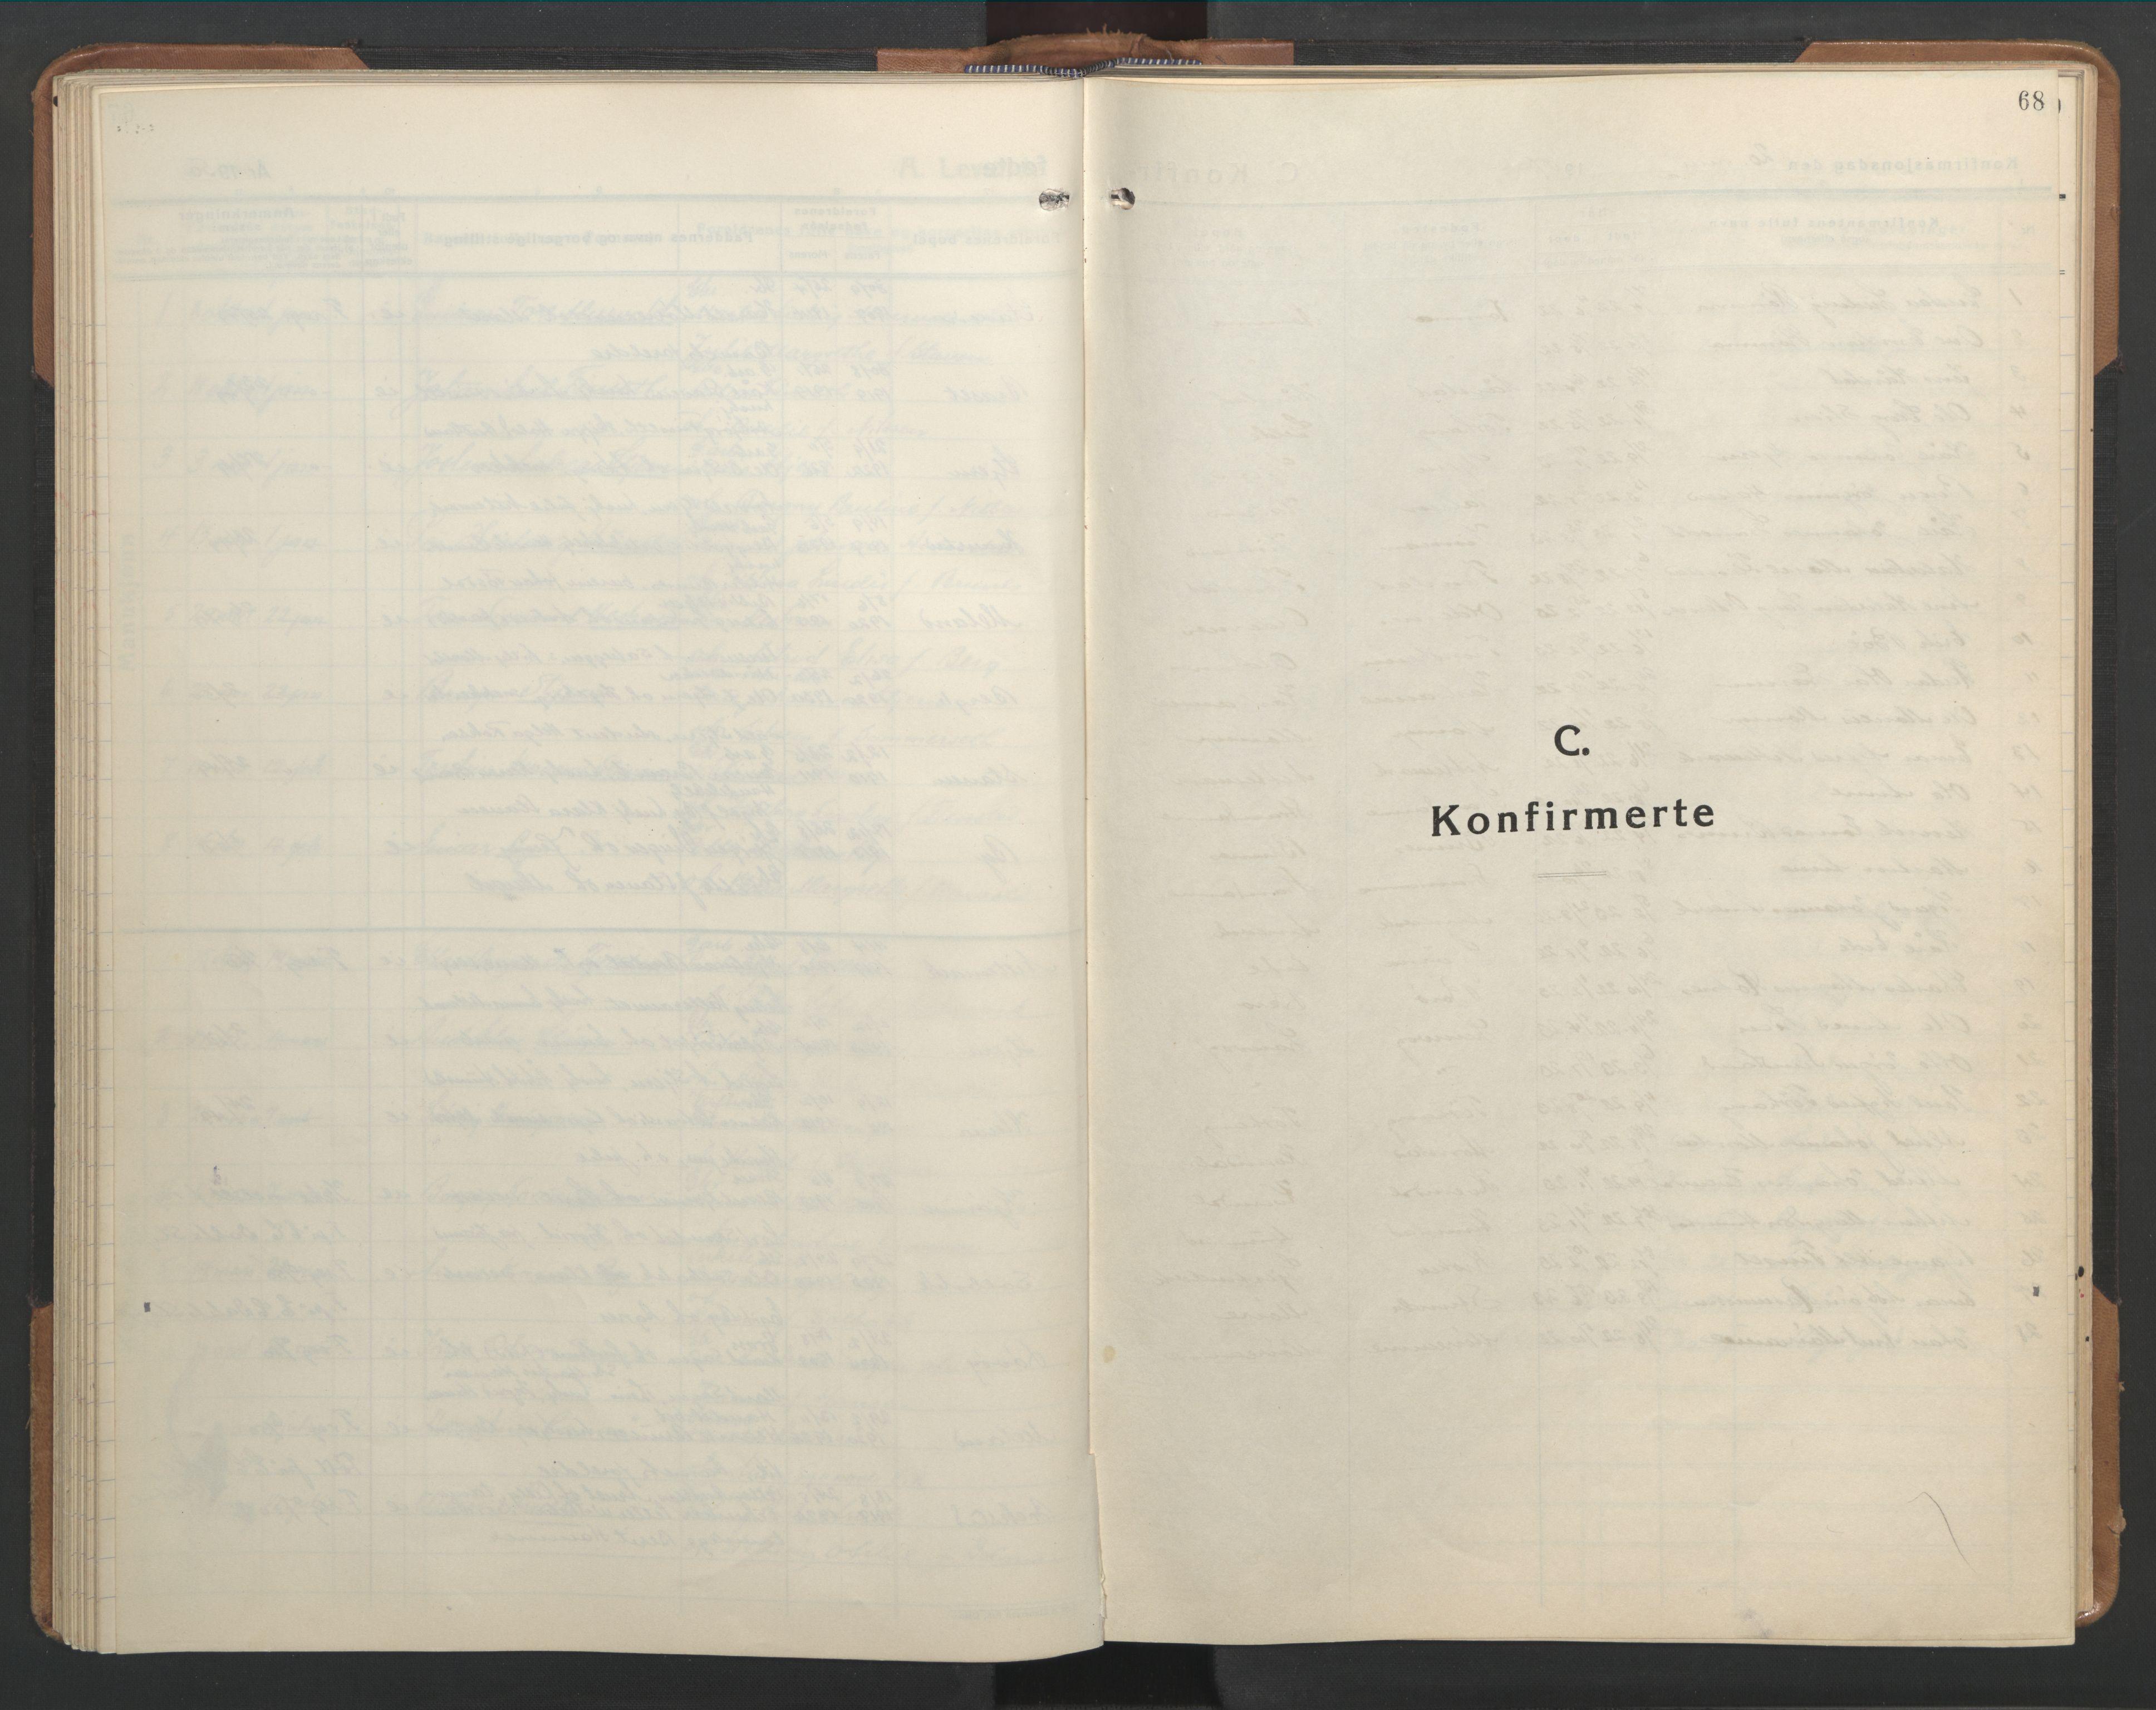 SAT, Ministerialprotokoller, klokkerbøker og fødselsregistre - Sør-Trøndelag, 655/L0690: Klokkerbok nr. 655C06, 1937-1950, s. 68